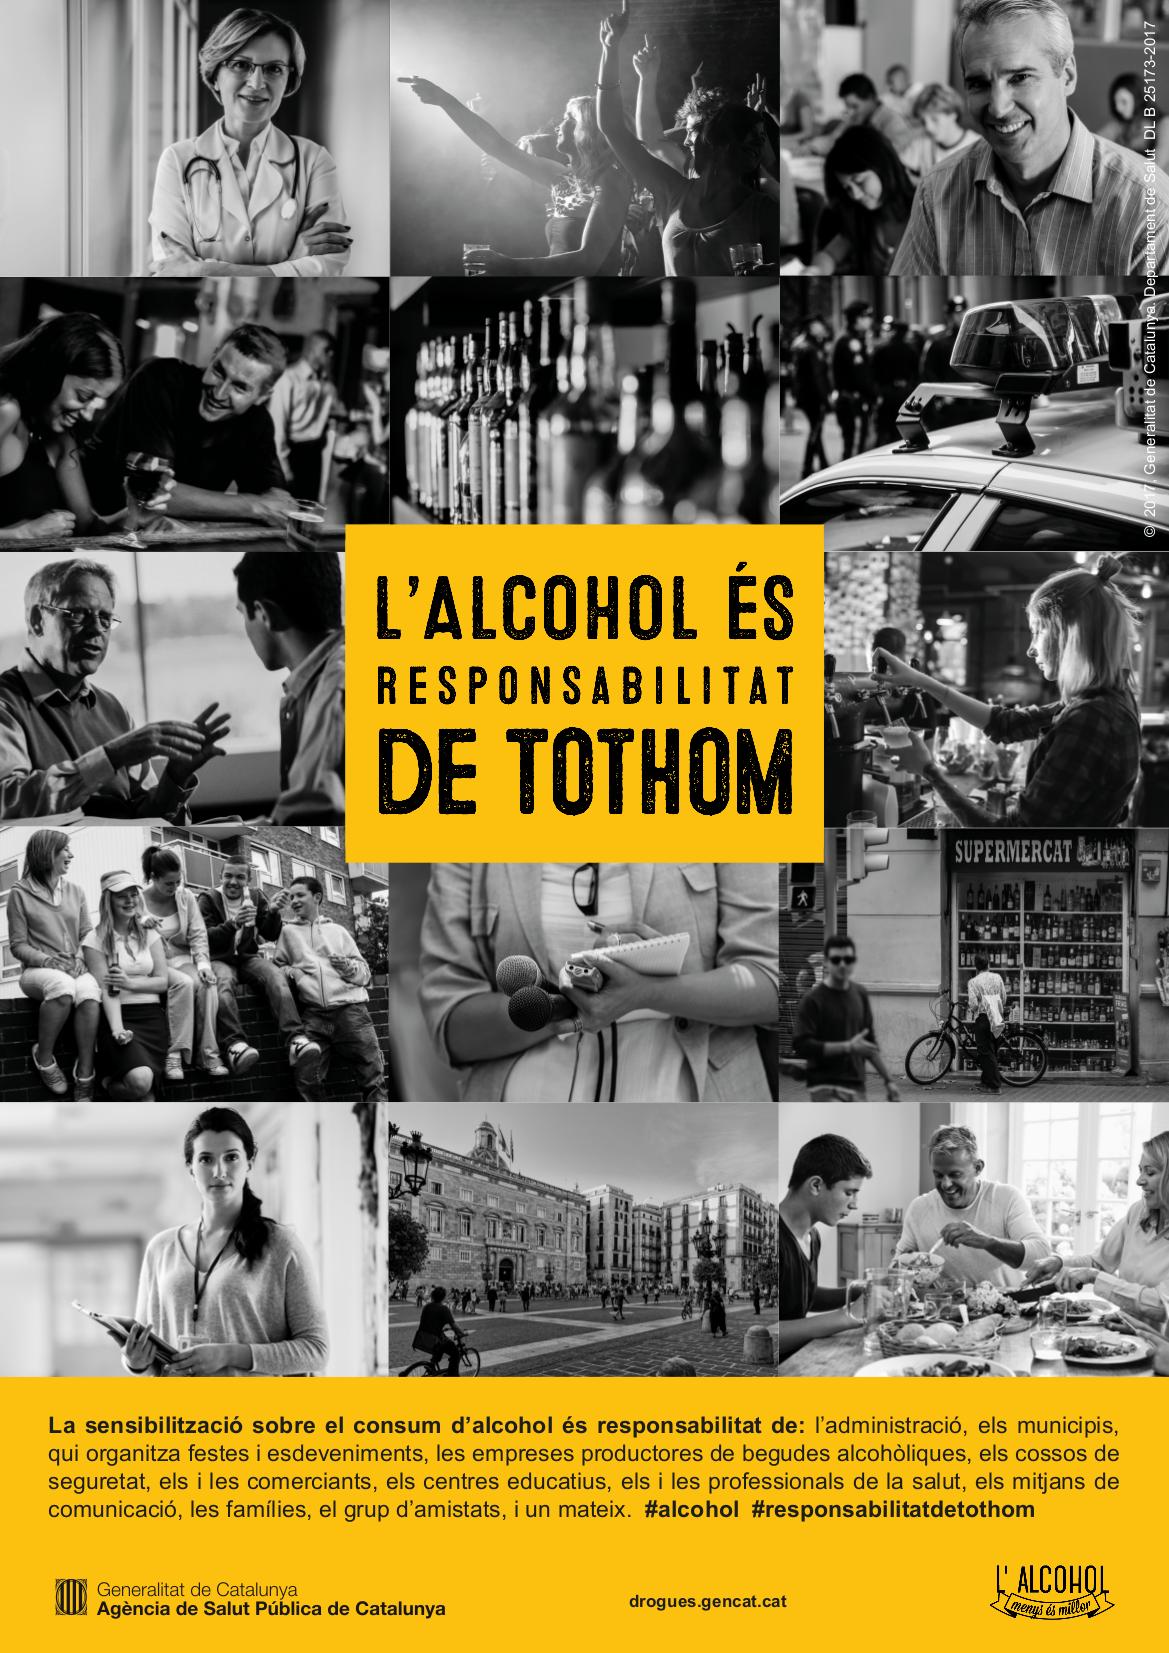 Salut apel·la a la responsabilitat de tota la societat en prevenir sobre els riscos del consum d'alcohol